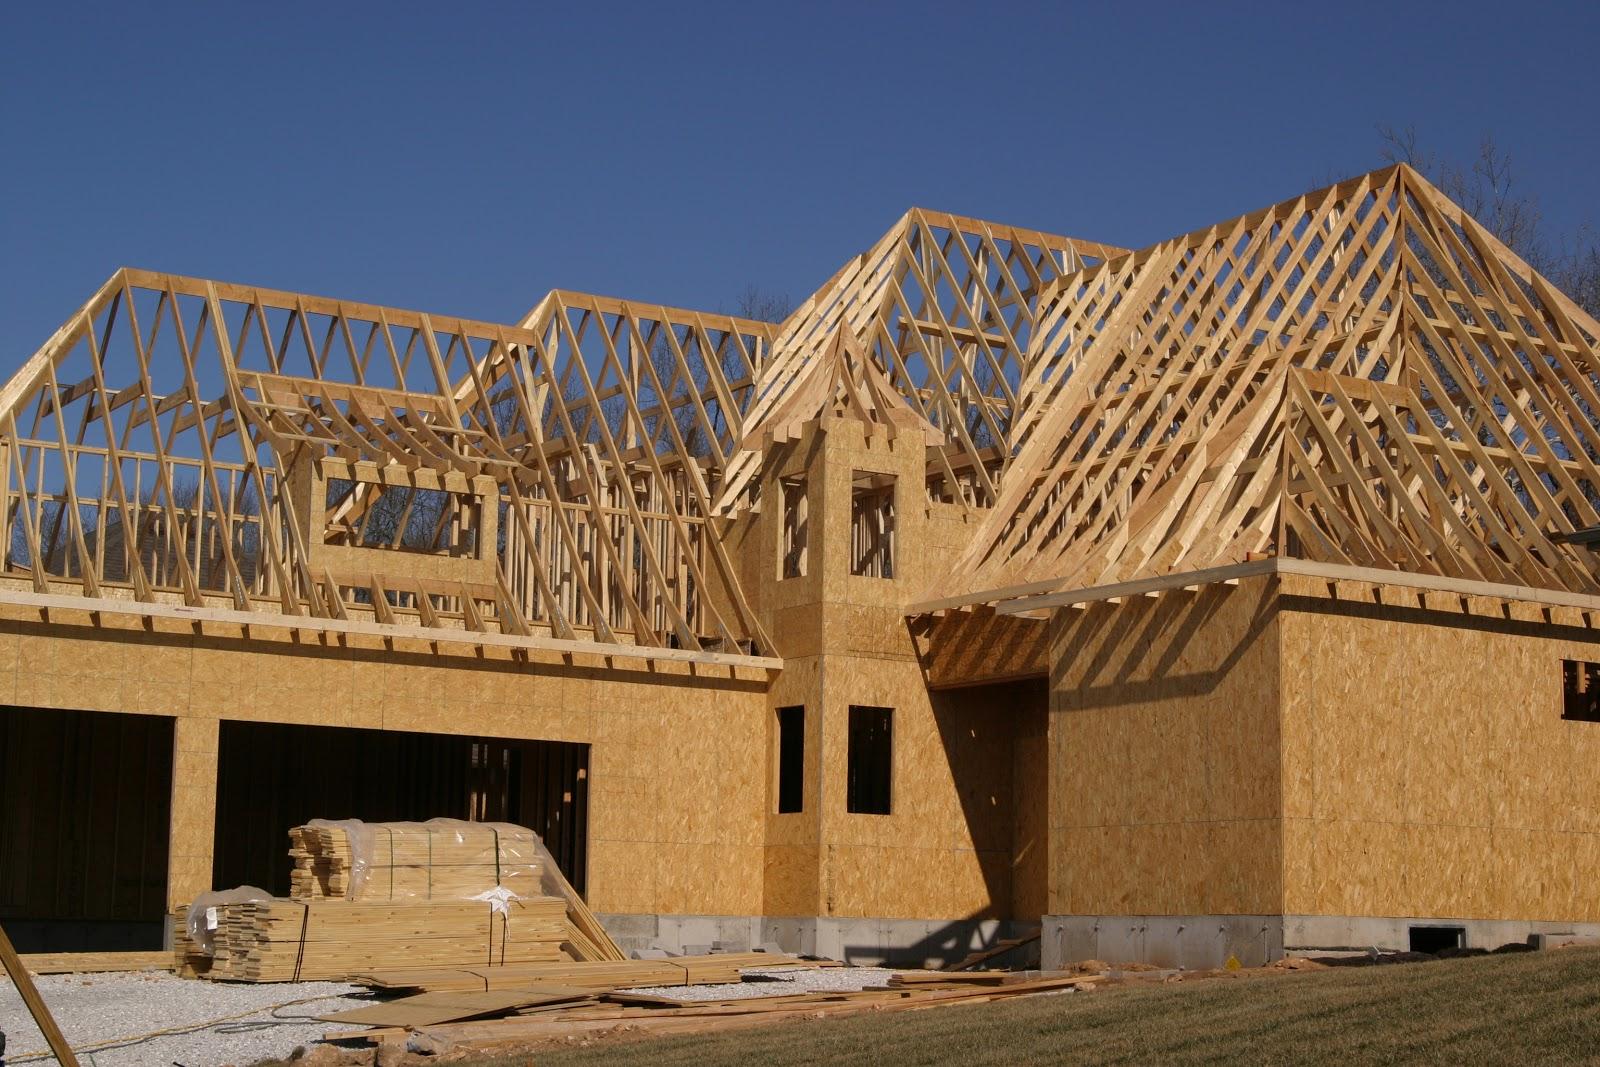 Alegerea materialelor - busteni, OSB sau lemn lamelar